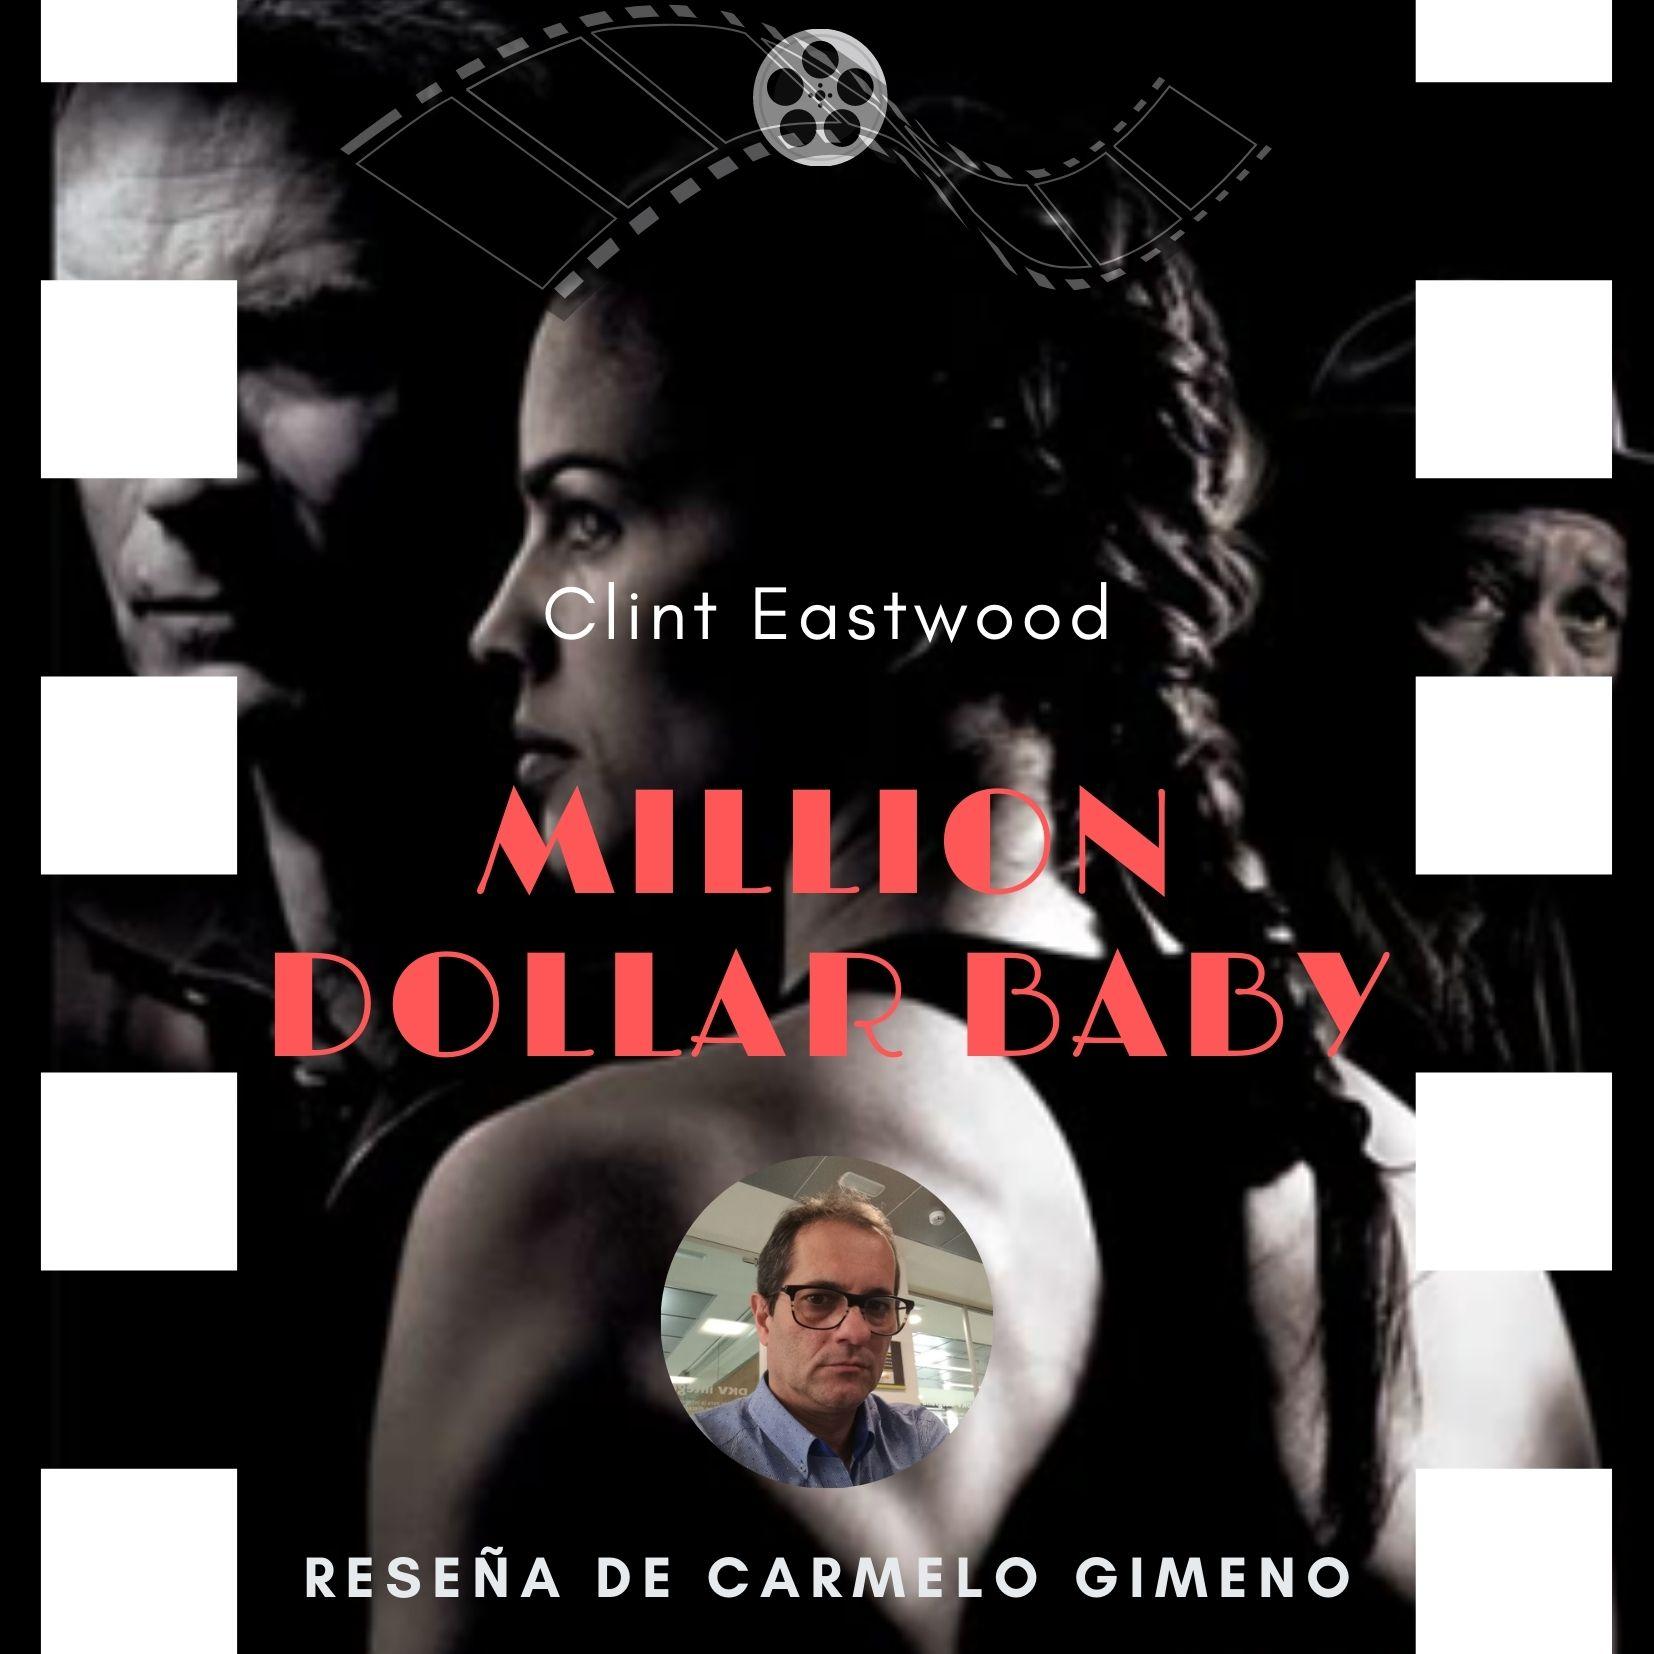 Millon Dollar Baby-reseña carmelo